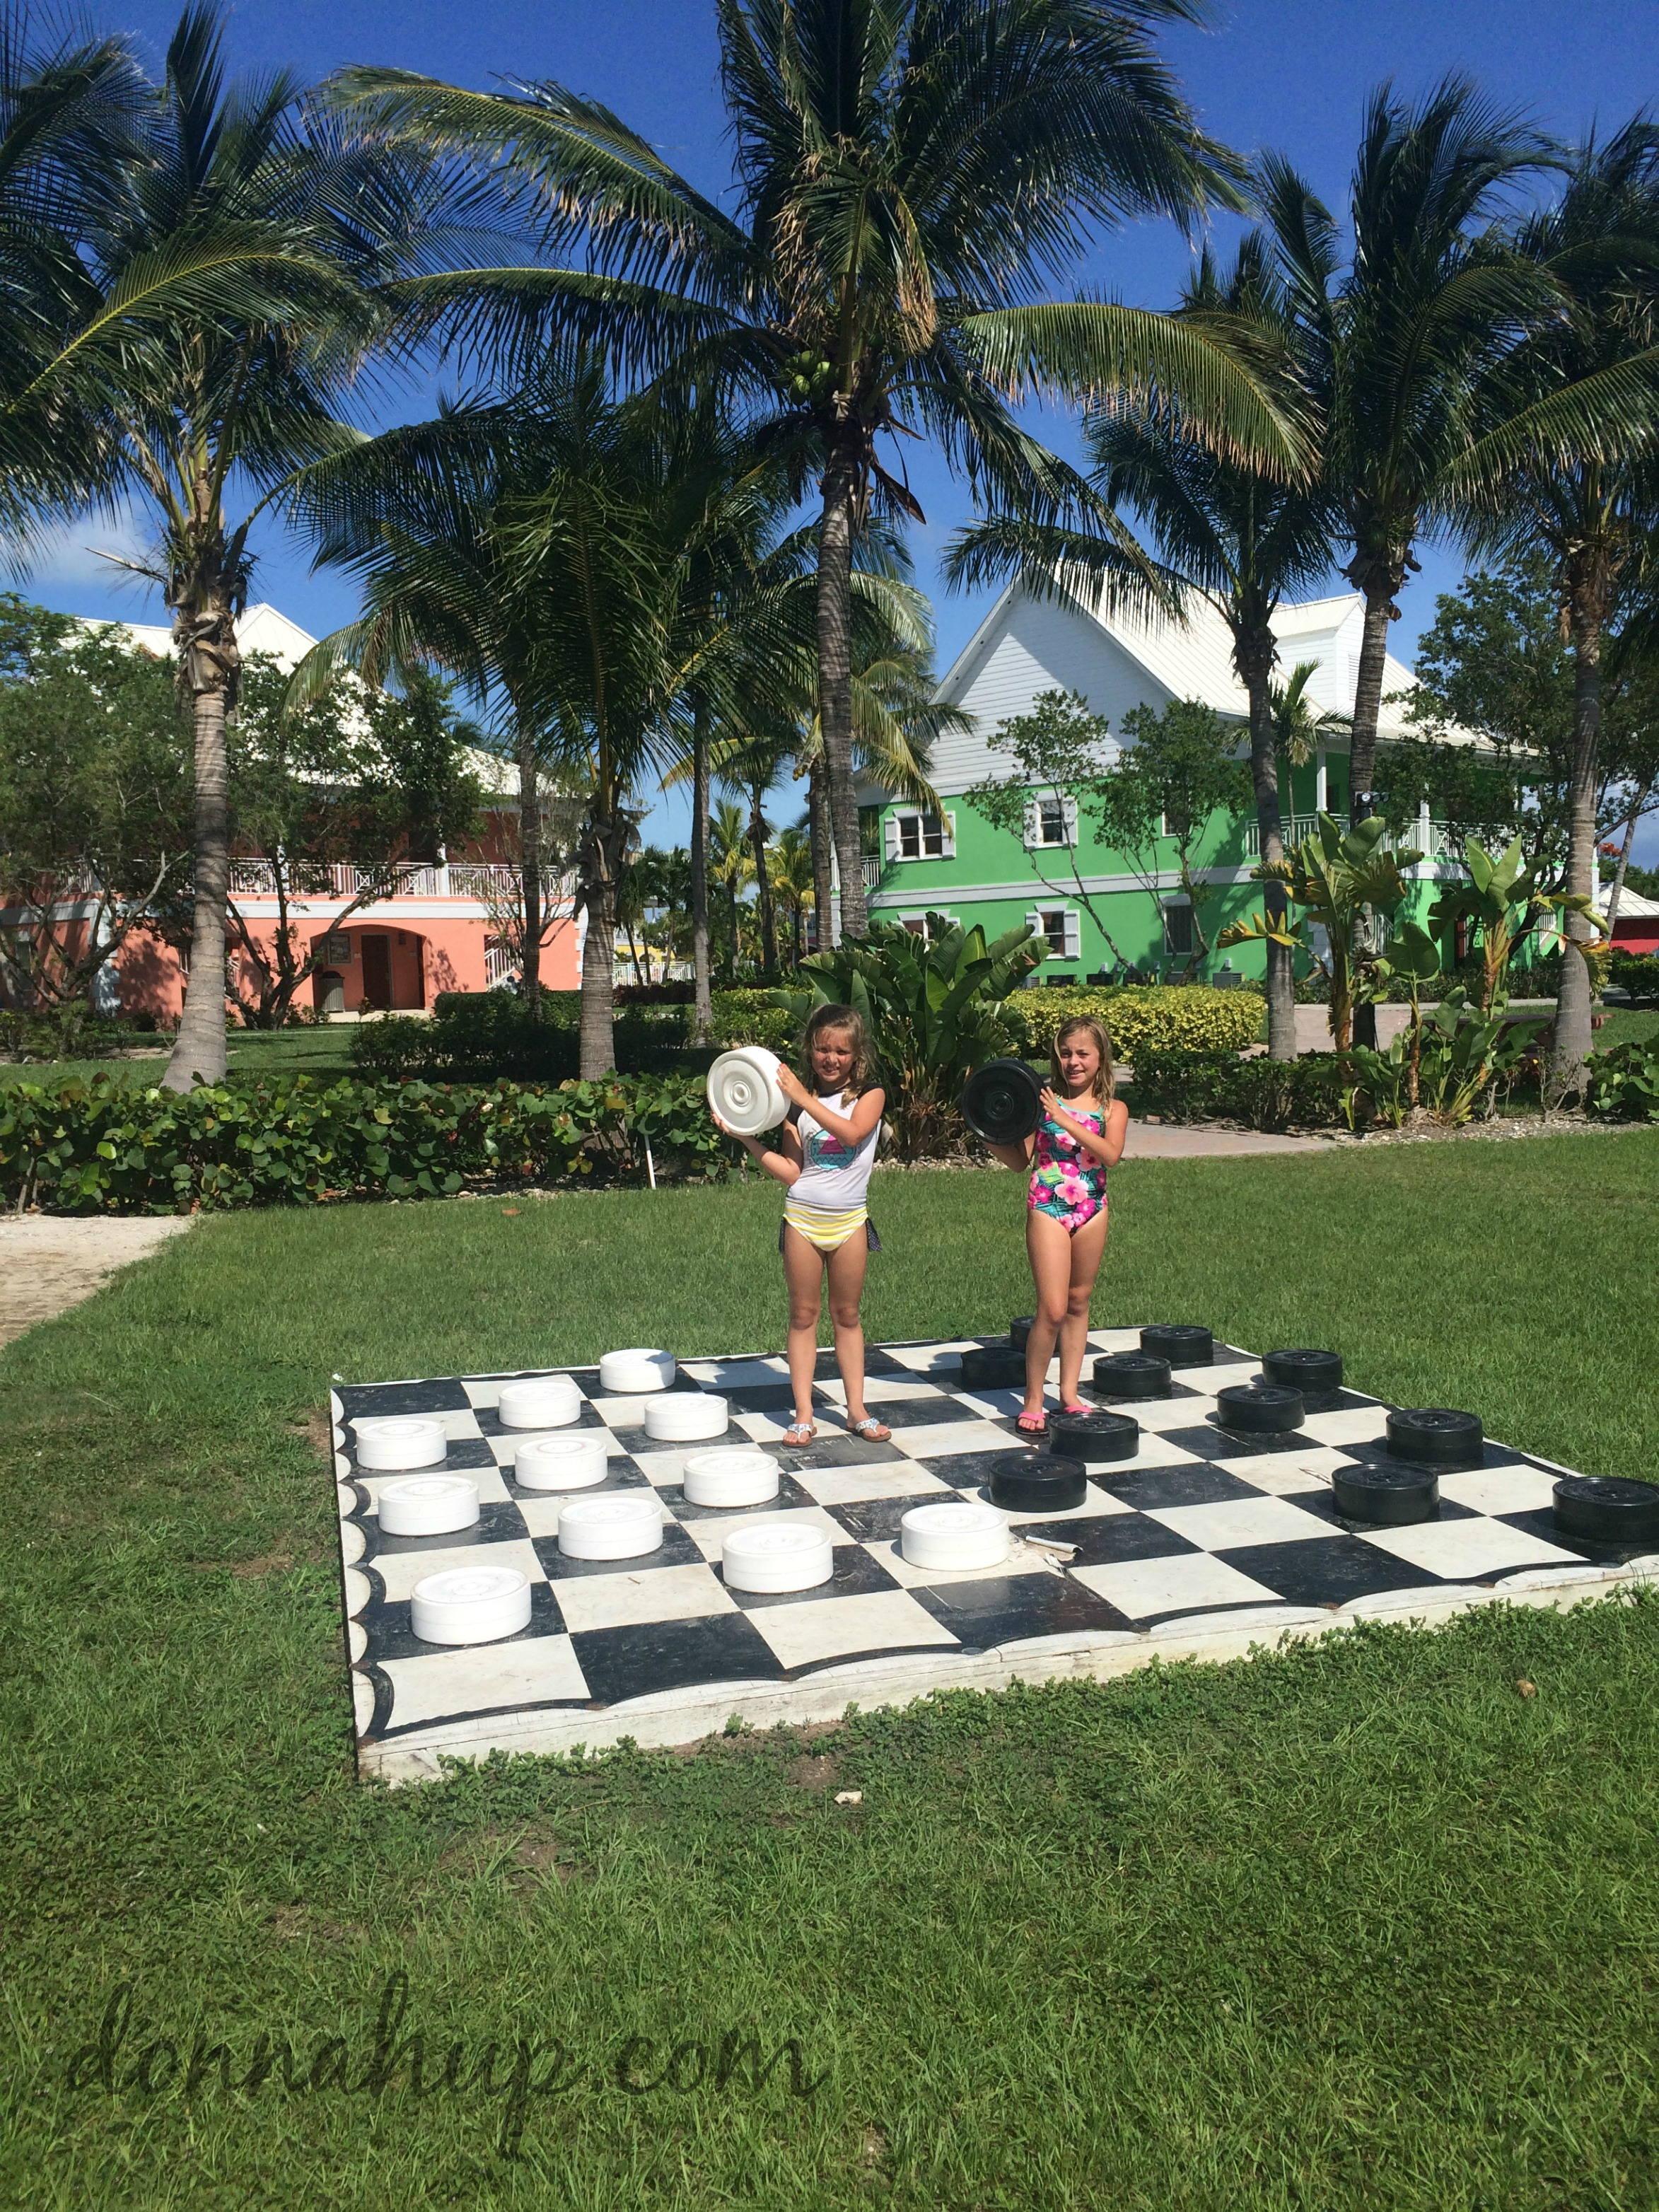 Best Hotel in Bahamas? Old Bahama Bay!